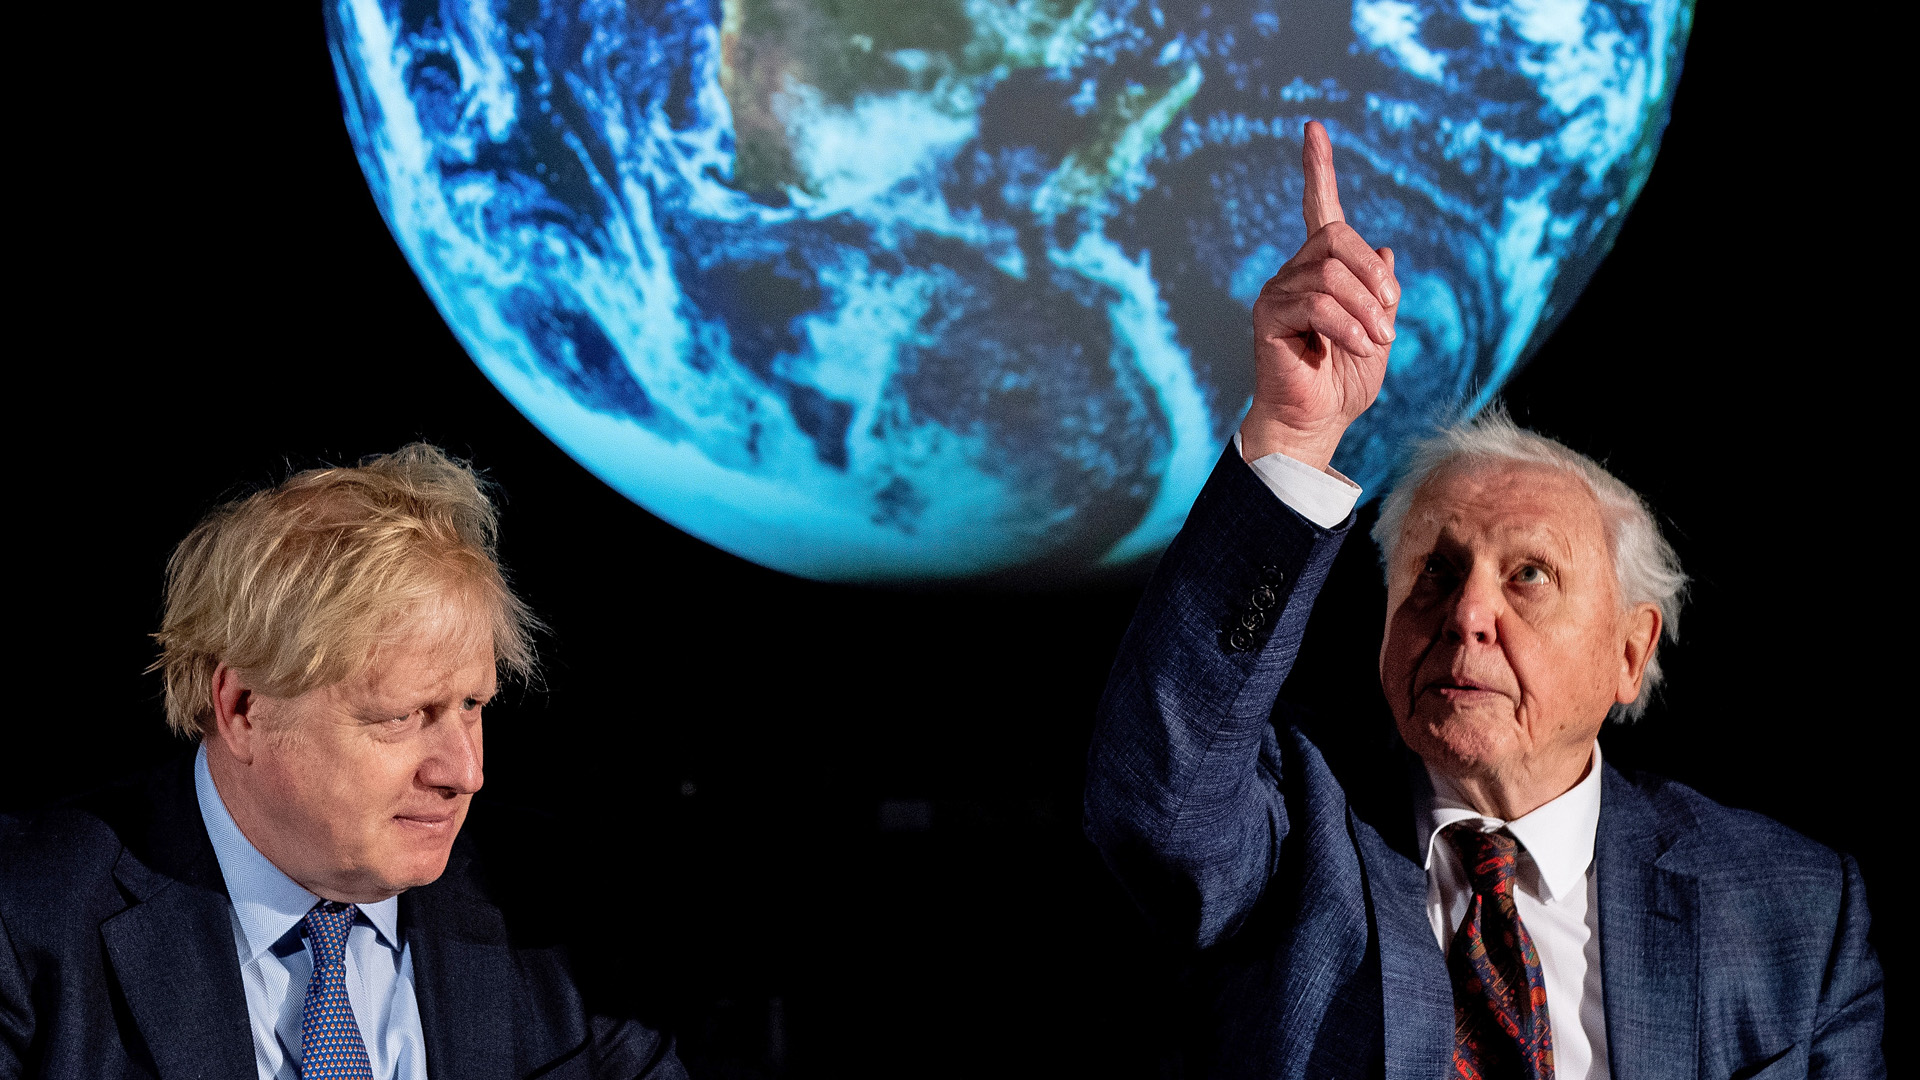 Ugye, Attenborough-nak elhiszed, hogy baj van?